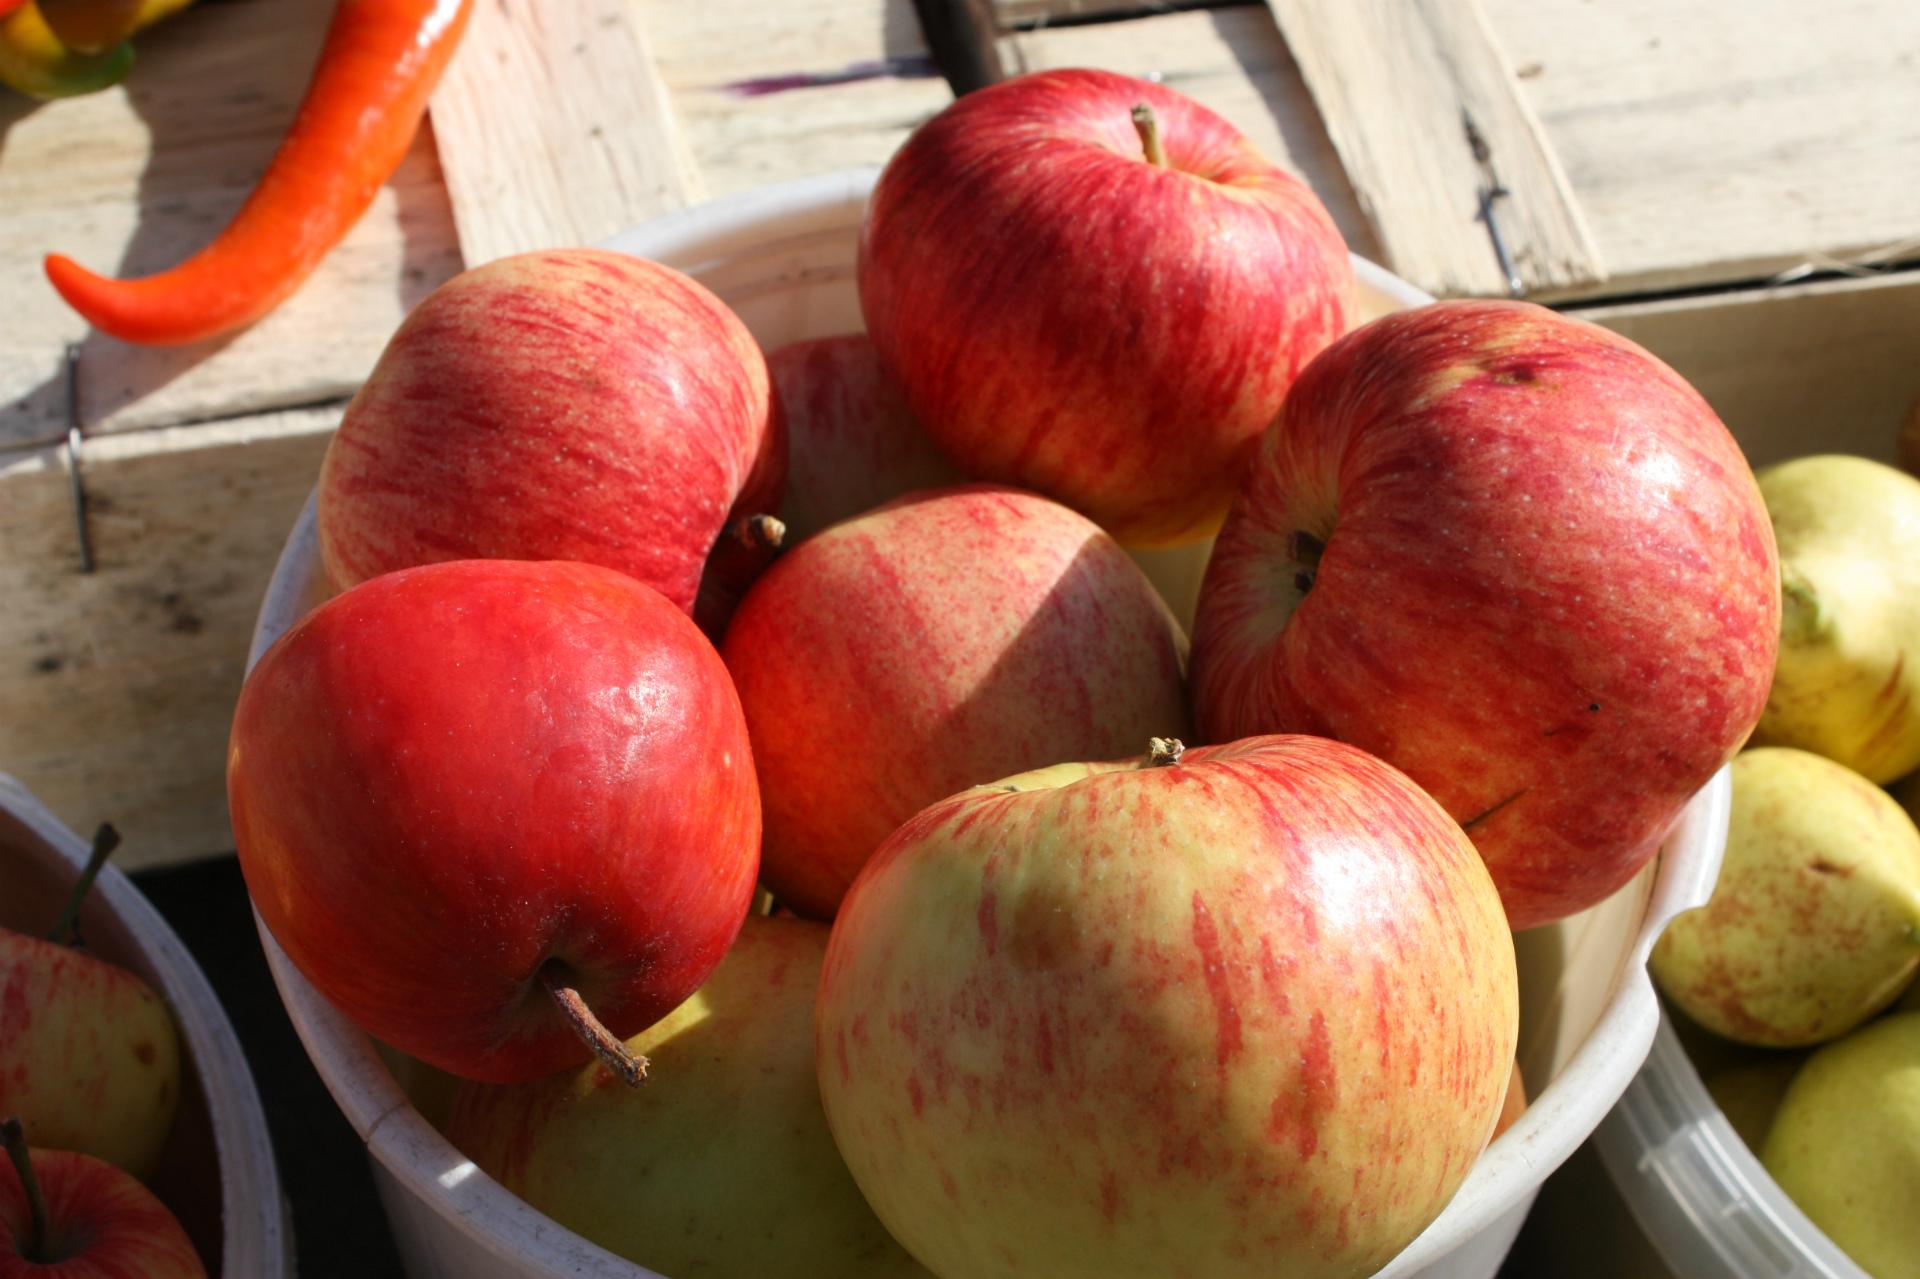 — Это сейчас, сезонное яблоко, боровинка, очень вкусные, только с дачи, — рекомендует покупателям свой урожай пенсионерка